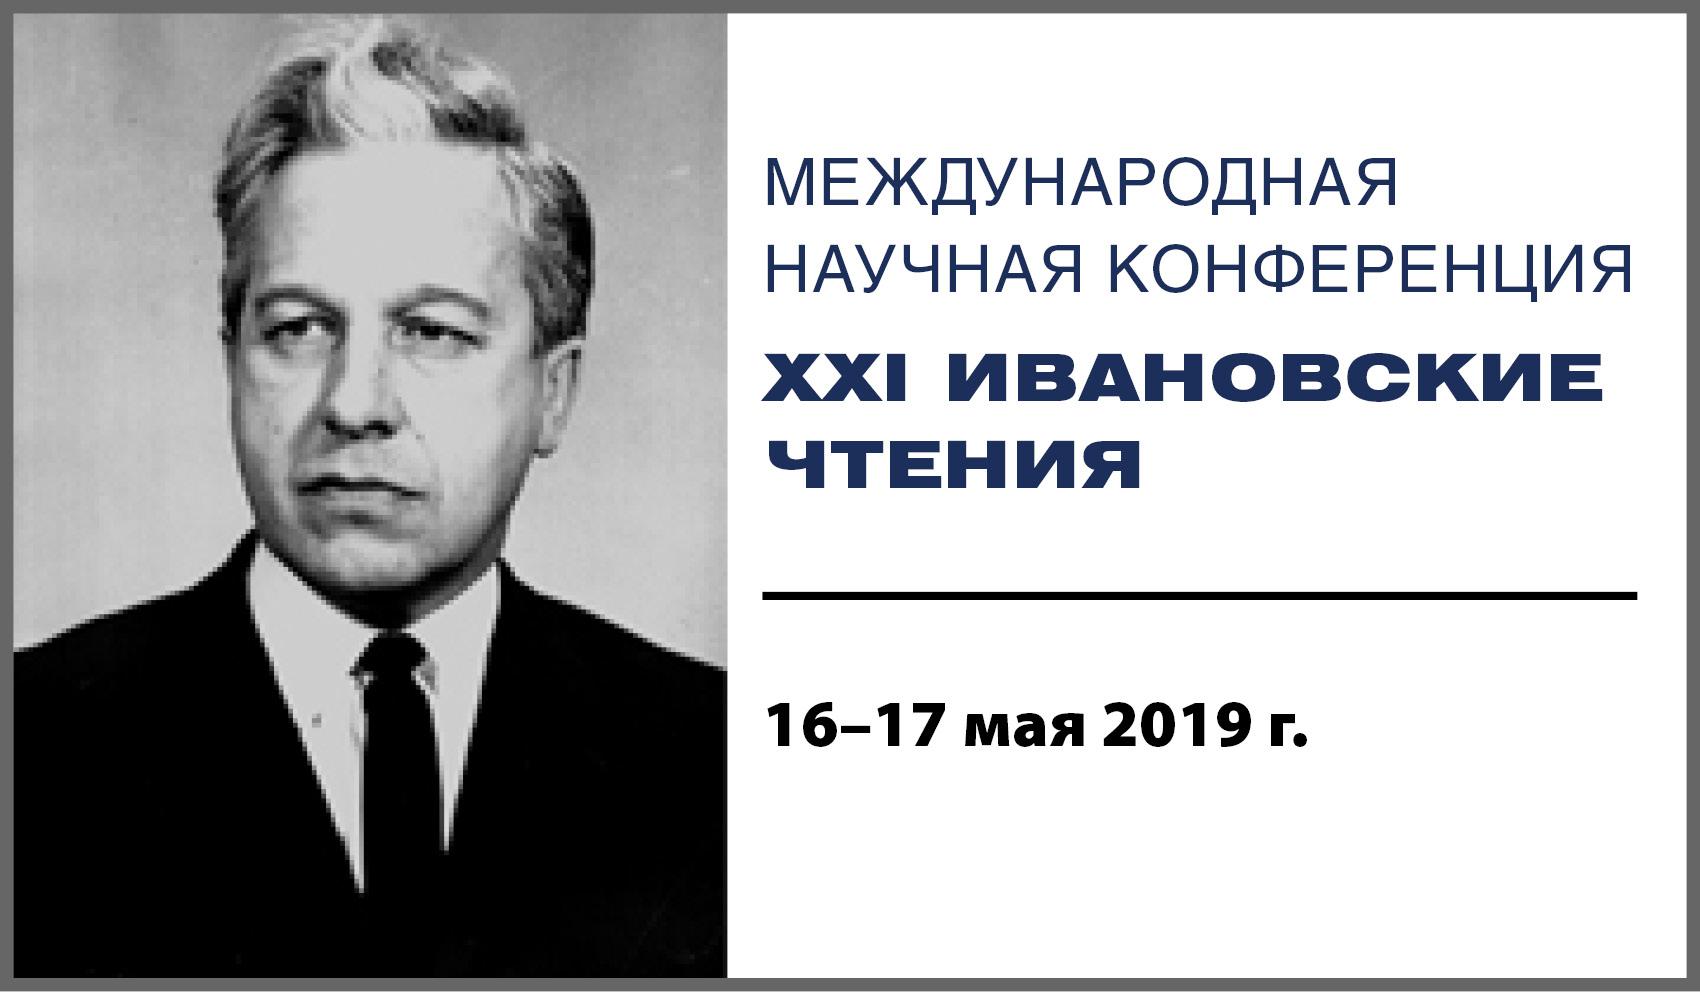 XXI Ивановские чтения